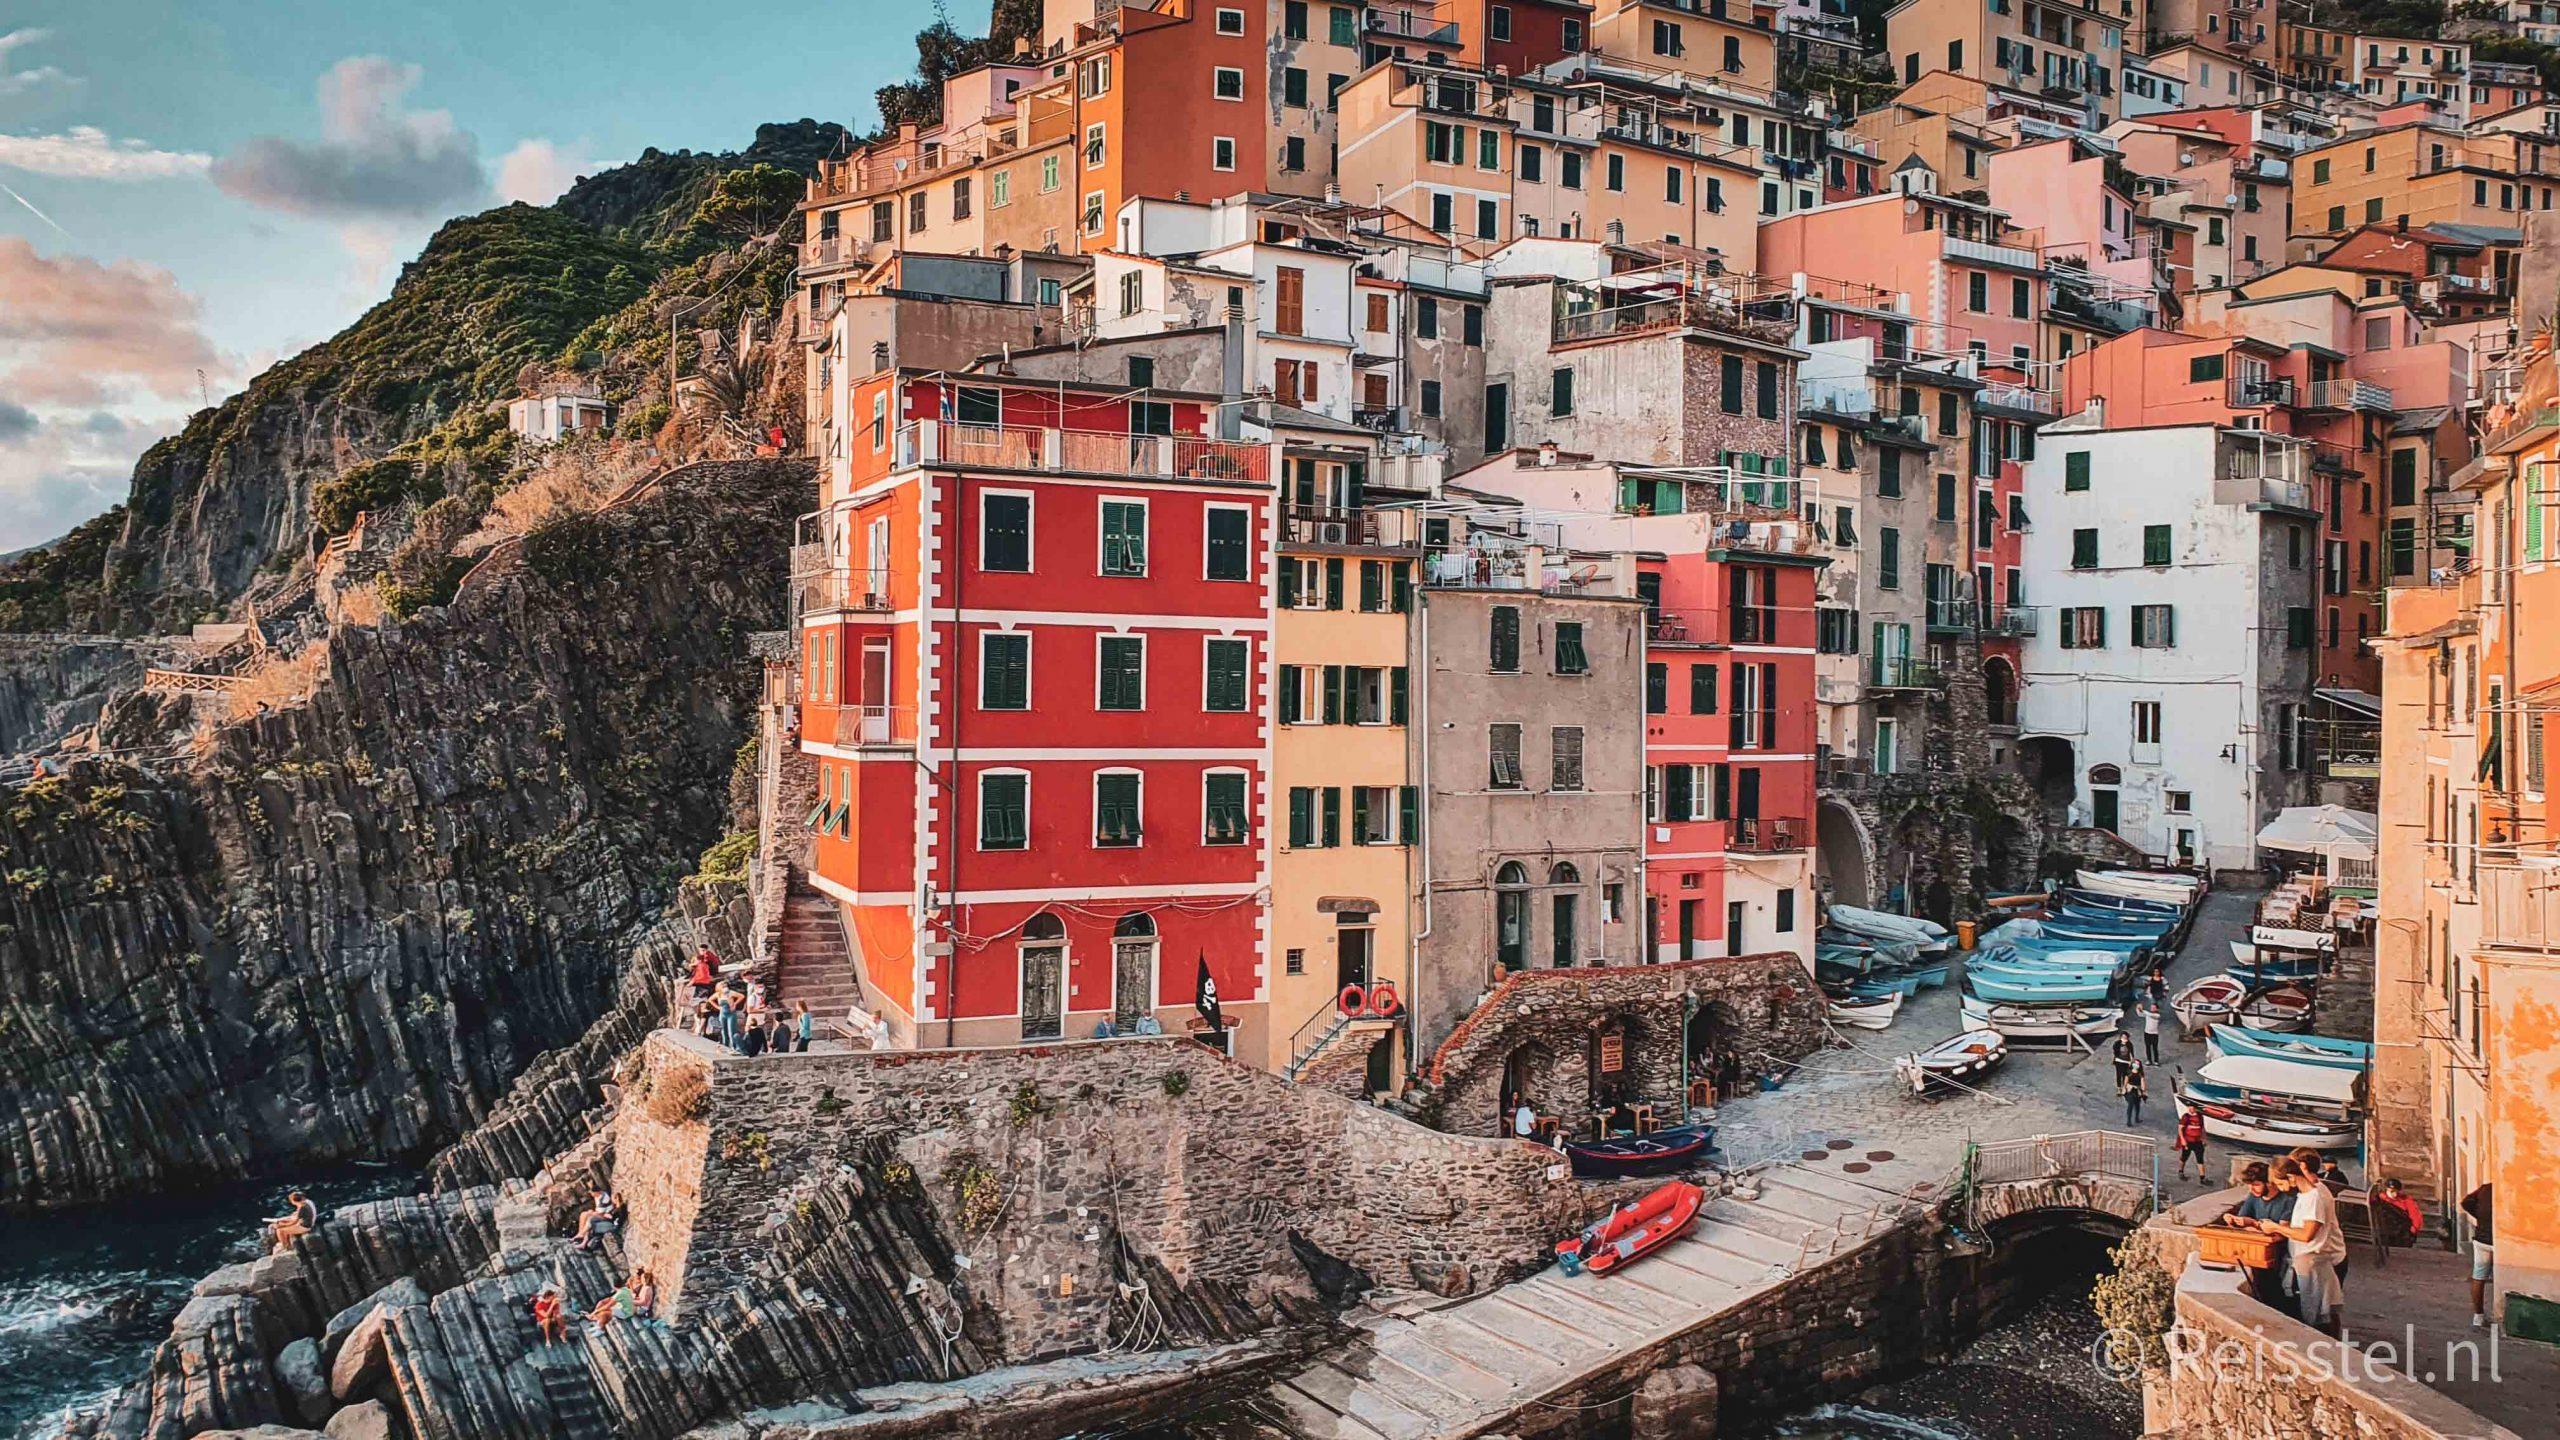 Vakantie najaar 2020: ontdek Cinque Terre | header